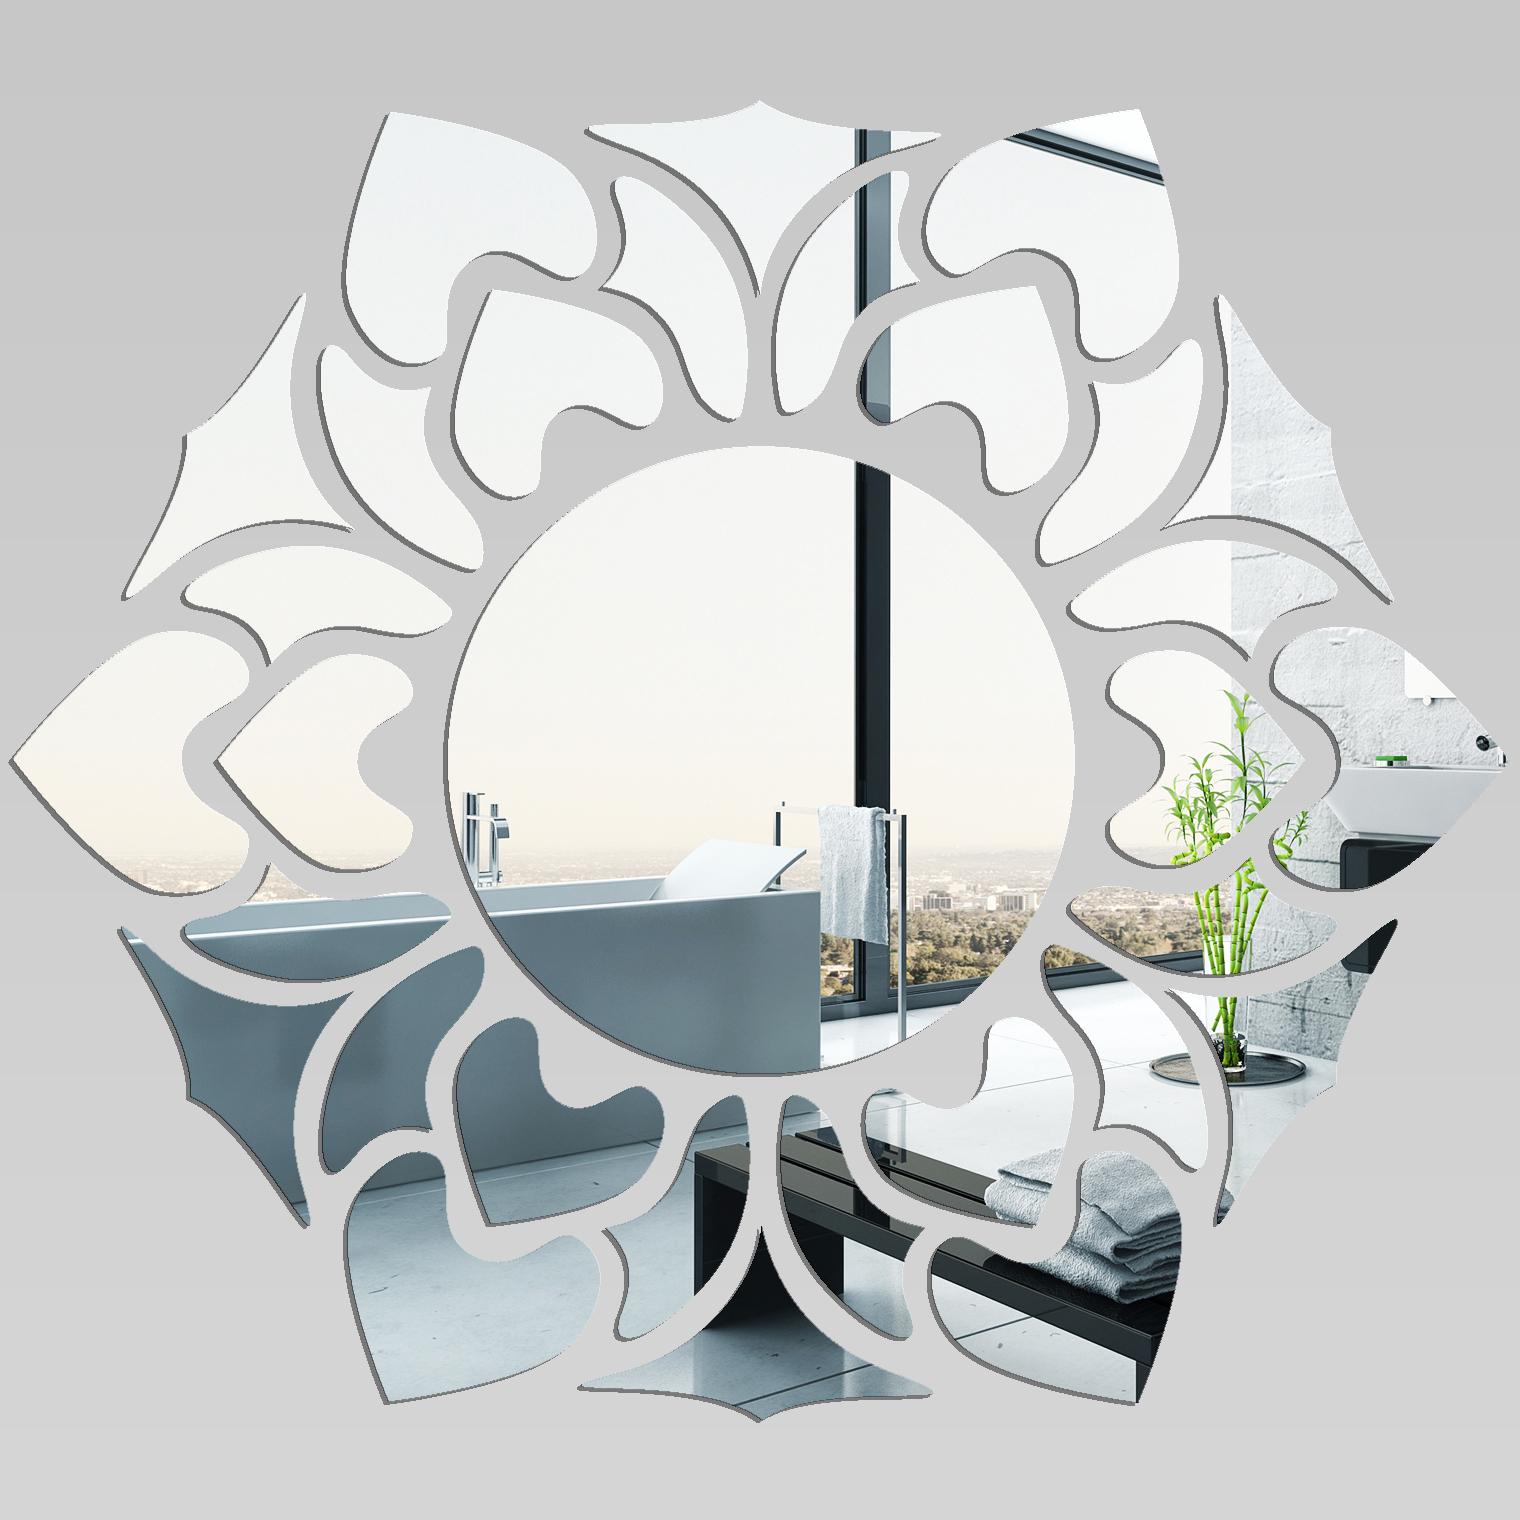 miroir plexiglass acrylique oriental 2 pas cher. Black Bedroom Furniture Sets. Home Design Ideas